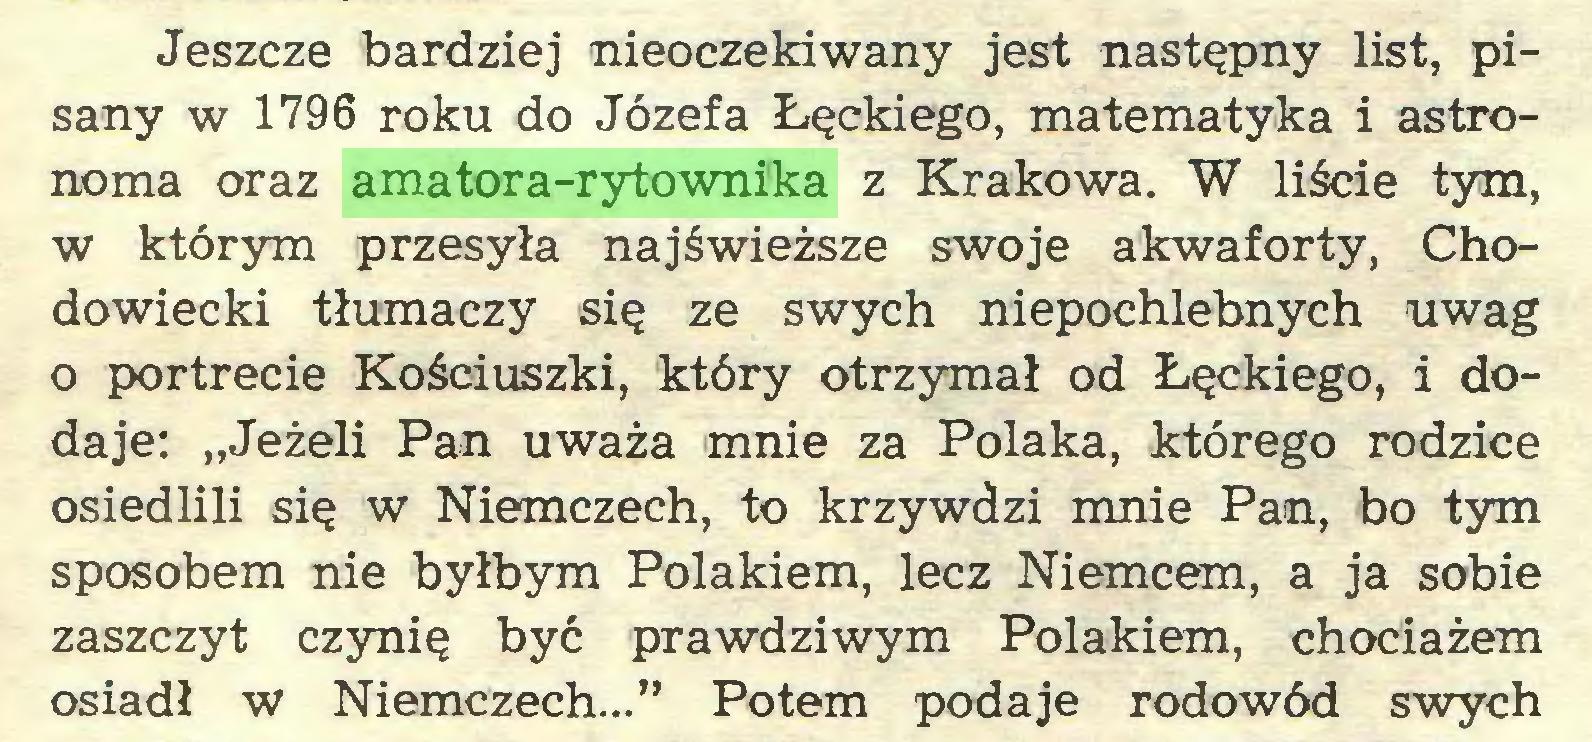 """(...) Jeszcze bardziej nieoczekiwany jest następny list, pisany w 1796 roku do Józefa Łęckiego, matematyka i astronoma oraz amatora-rytownika z Krakowa. W liście tym, w którym przesyła najświeższe swoje akwaforty, Chodowiecki tłumaczy się ze swych niepochlebnych uwag o portrecie Kościuszki, który otrzymał od Łęckiego, i dodaje: """"Jeżeli Pan uważa mnie za Polaka, którego rodzice osiedlili się w Niemczech, to krzywdzi mnie Pan, bo tym sposobem nie byłbym Polakiem, lecz Niemcem, a ja sobie zaszczyt czynię być prawdziwym Polakiem, chociażem osiadł w Niemczech..."""" Potem podaje rodowód swych..."""